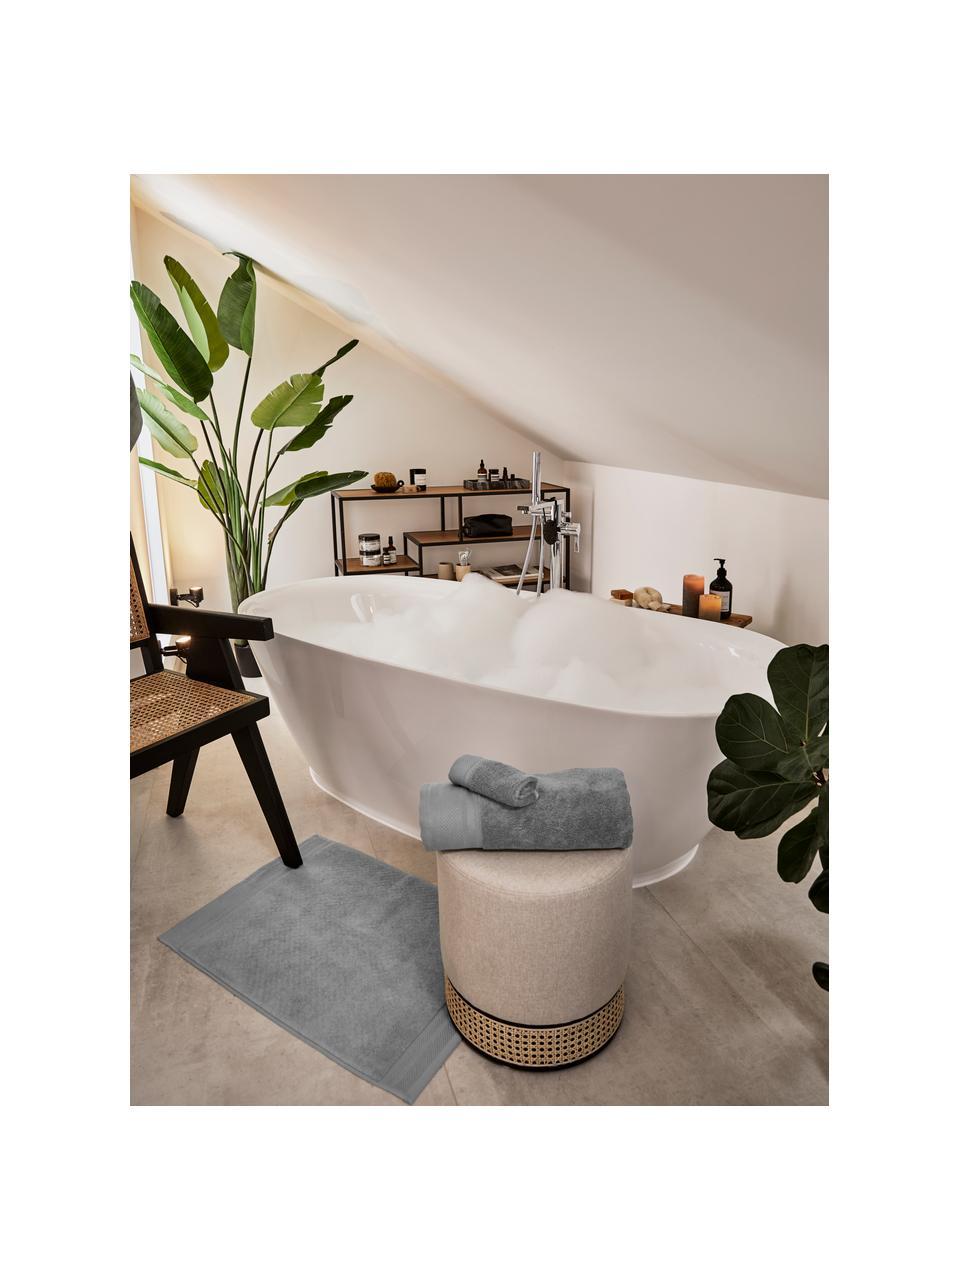 Tappeto bagno antiscivolo Premium, 100% cotone, qualità pesante 600g/m², Grigio scuro, Larg. 50 x Lung. 70 cm